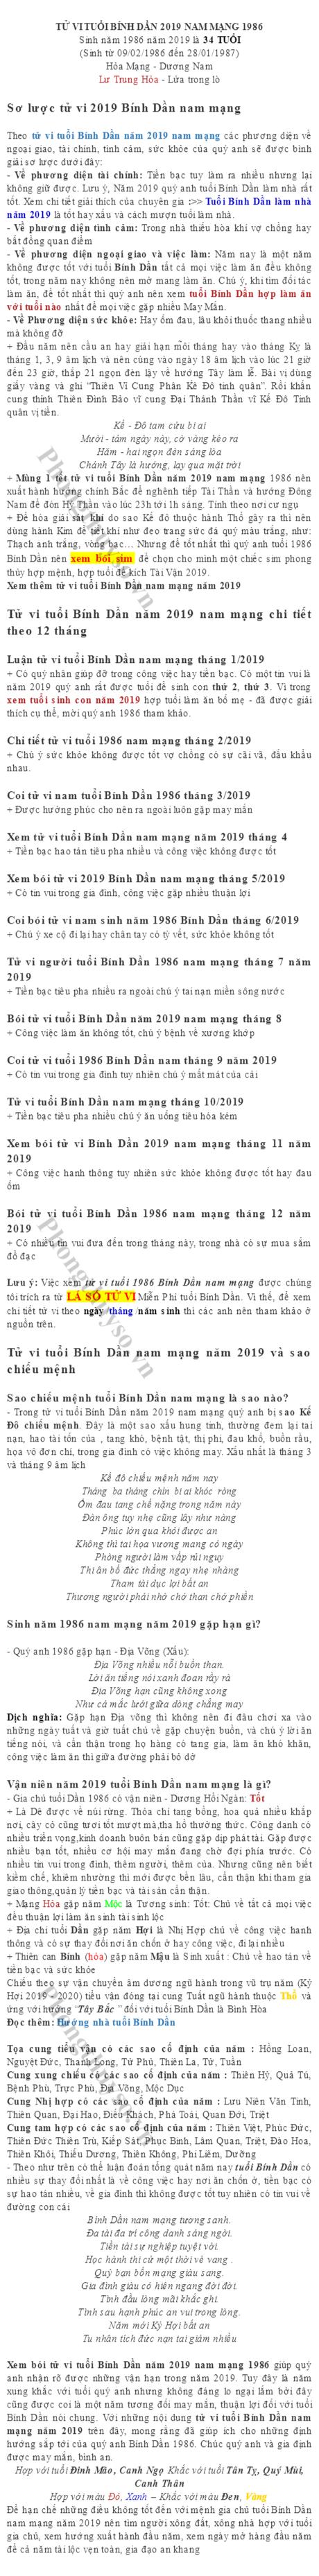 tu-vi-tuoi-binh-dan-nam-2019-nam-mang